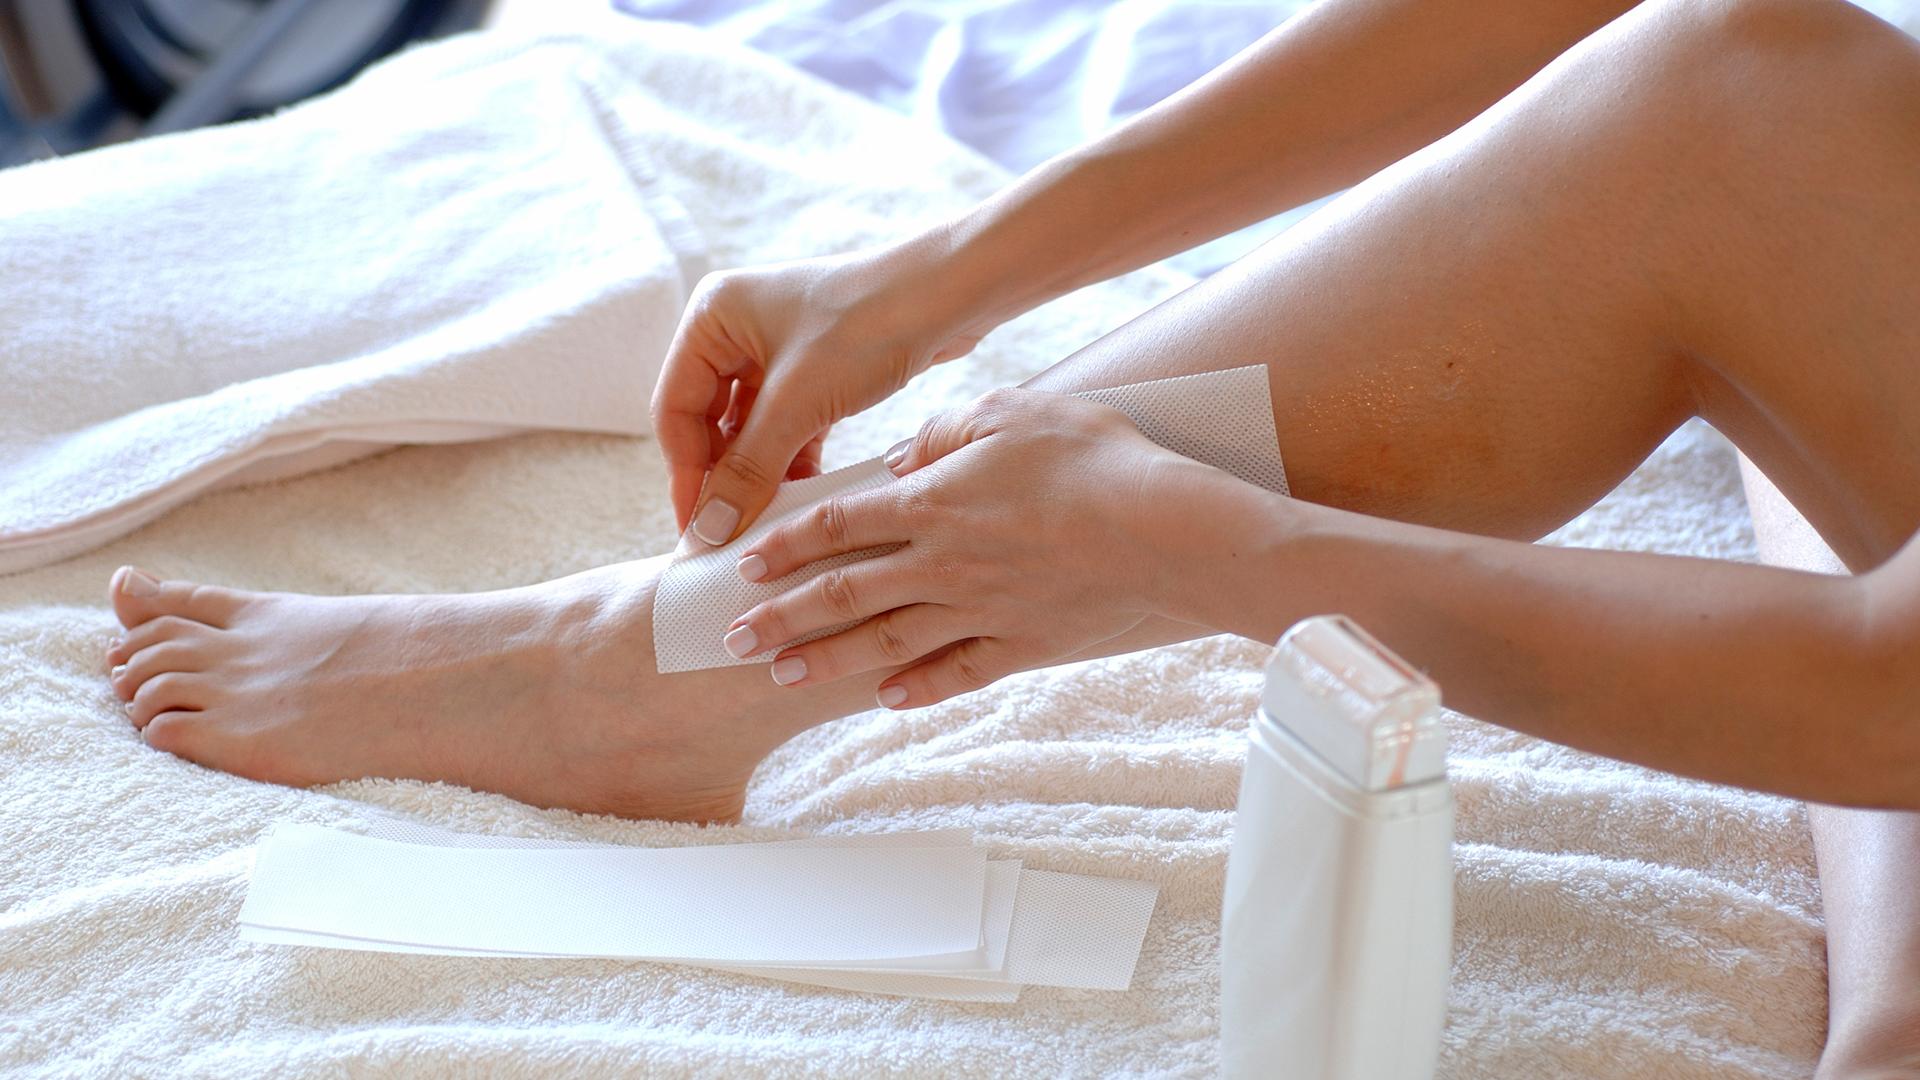 Woman waxing her legs | Sheknows.com